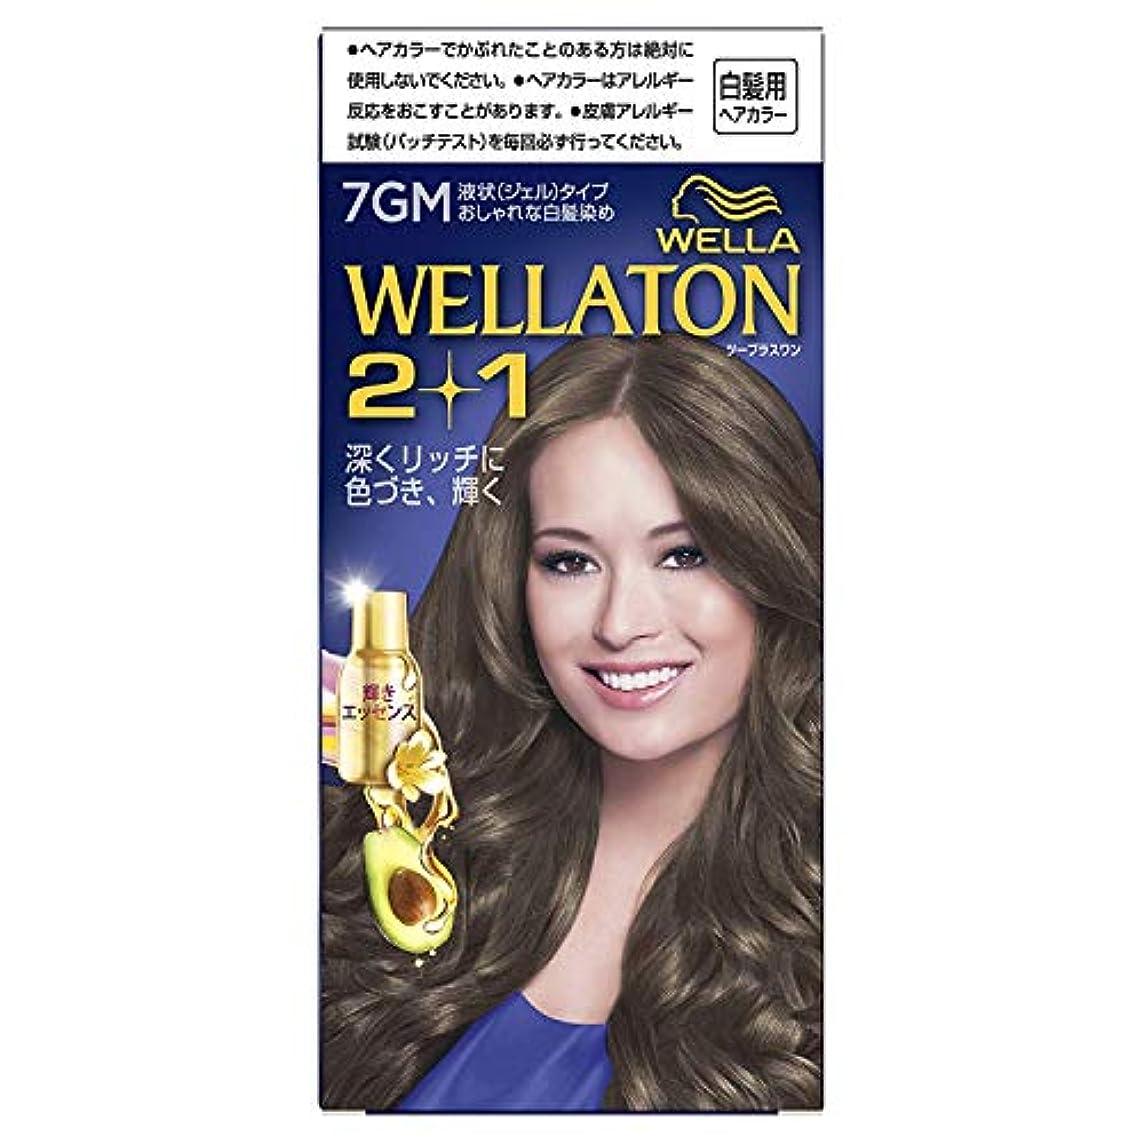 契約邪悪な大声でウエラトーン2+1 液状タイプ 7GM [医薬部外品] ×6個